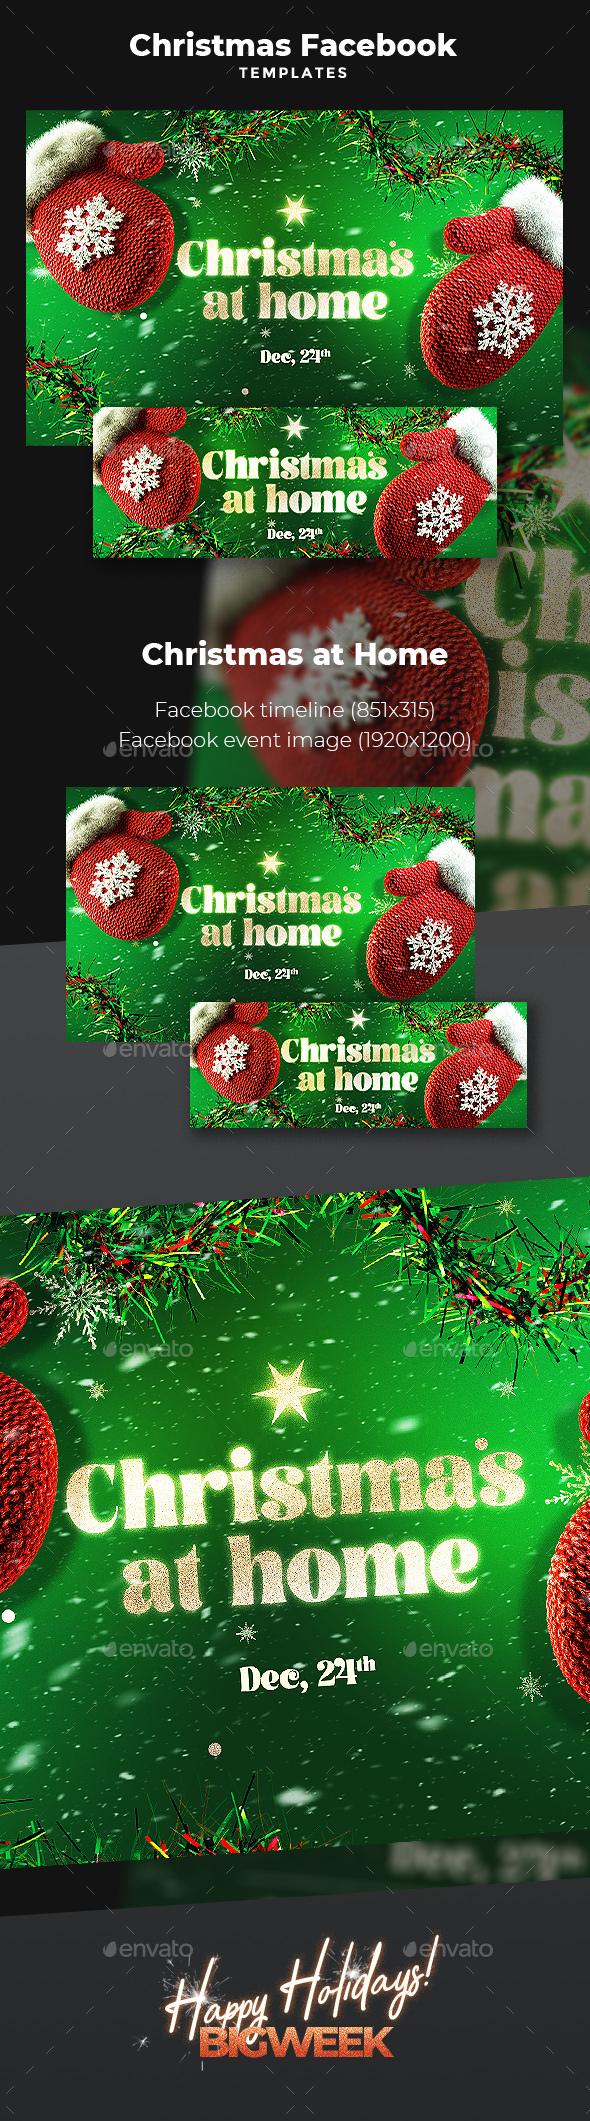 Christmas Facebook Templates